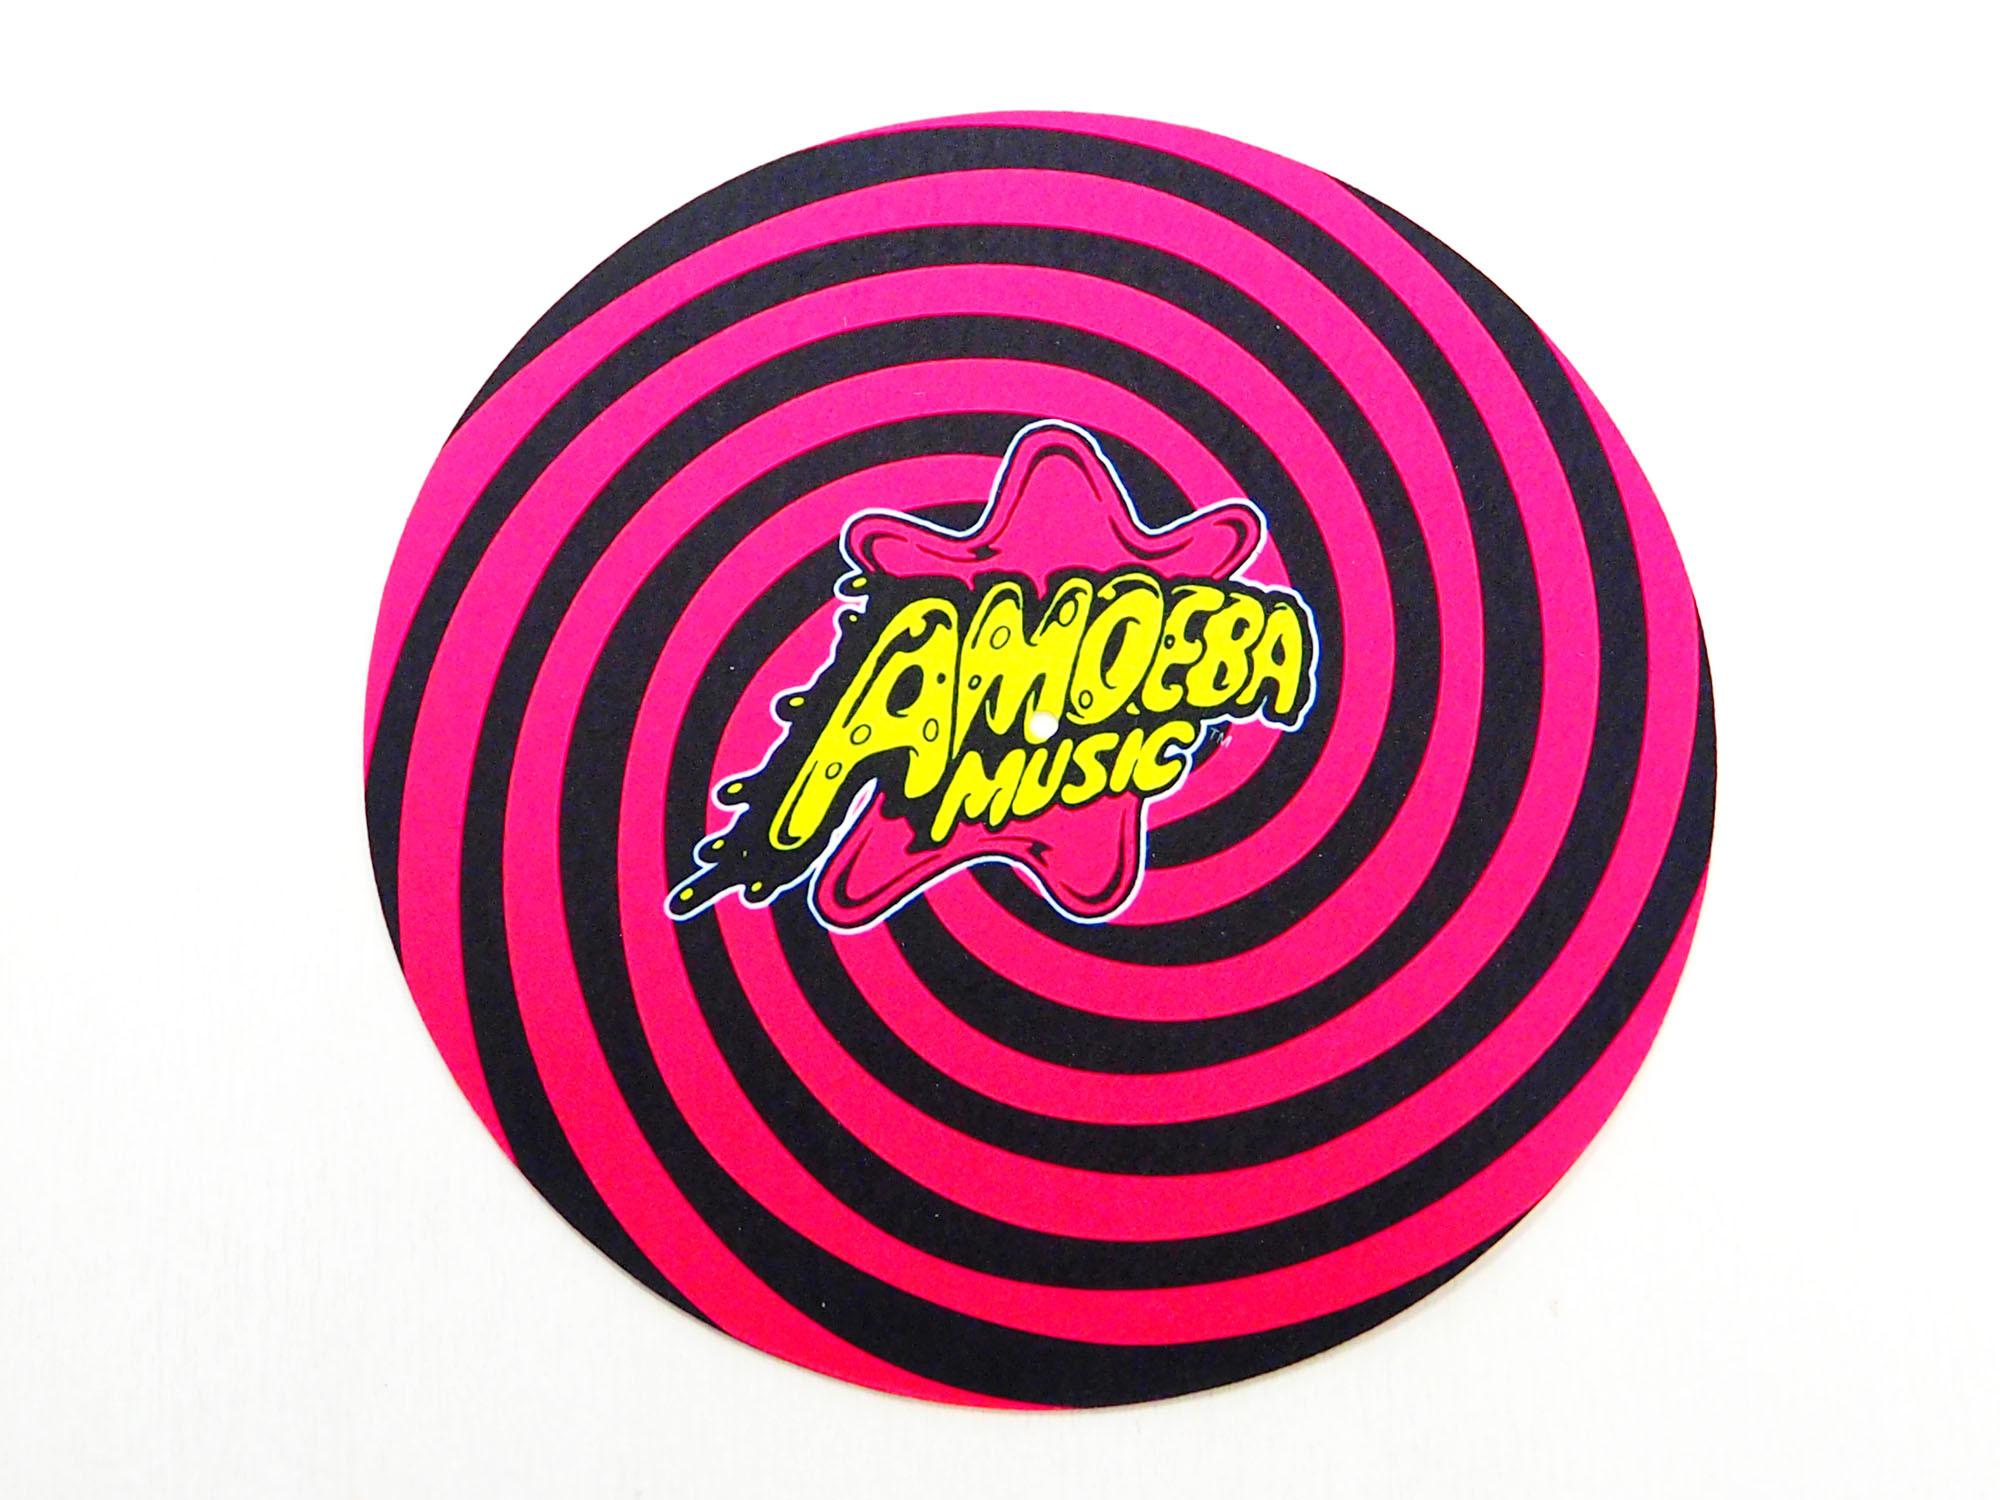 品番0165 Amoeba Music アメーバミュージック ロゴ入り スリップマット 正規品 DJ機材 レコード機材 新品雑貨